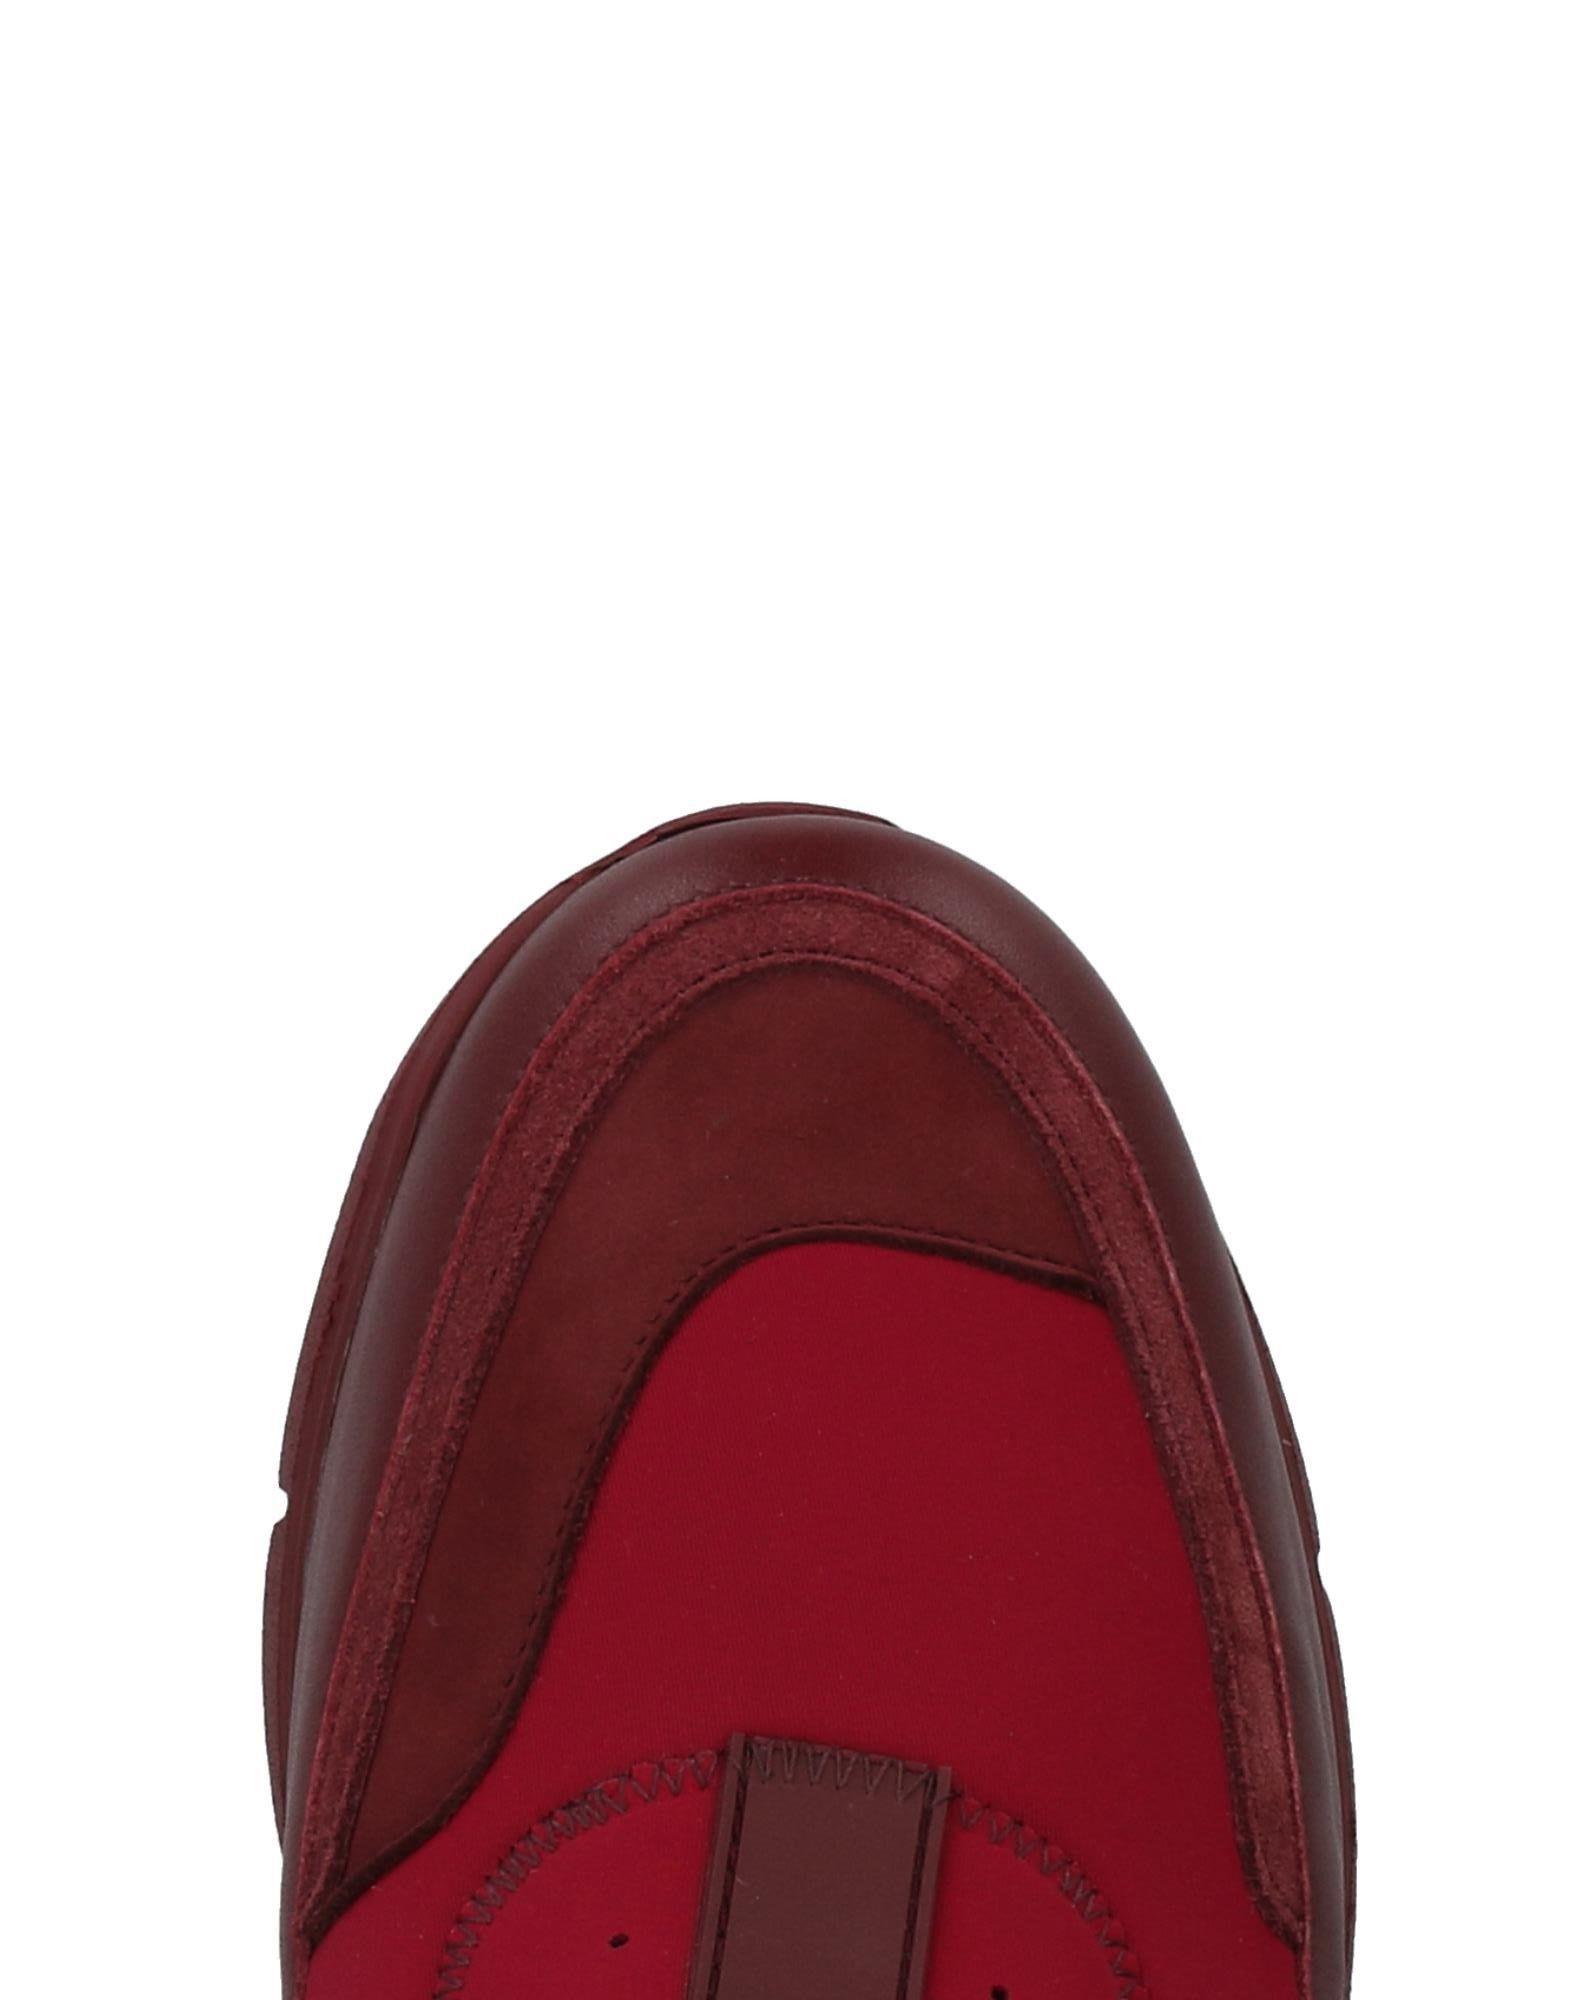 Rabatt echte Schuhe Android Homme Sneakers Herren 11423240VA  11423240VA Herren c1ecfc